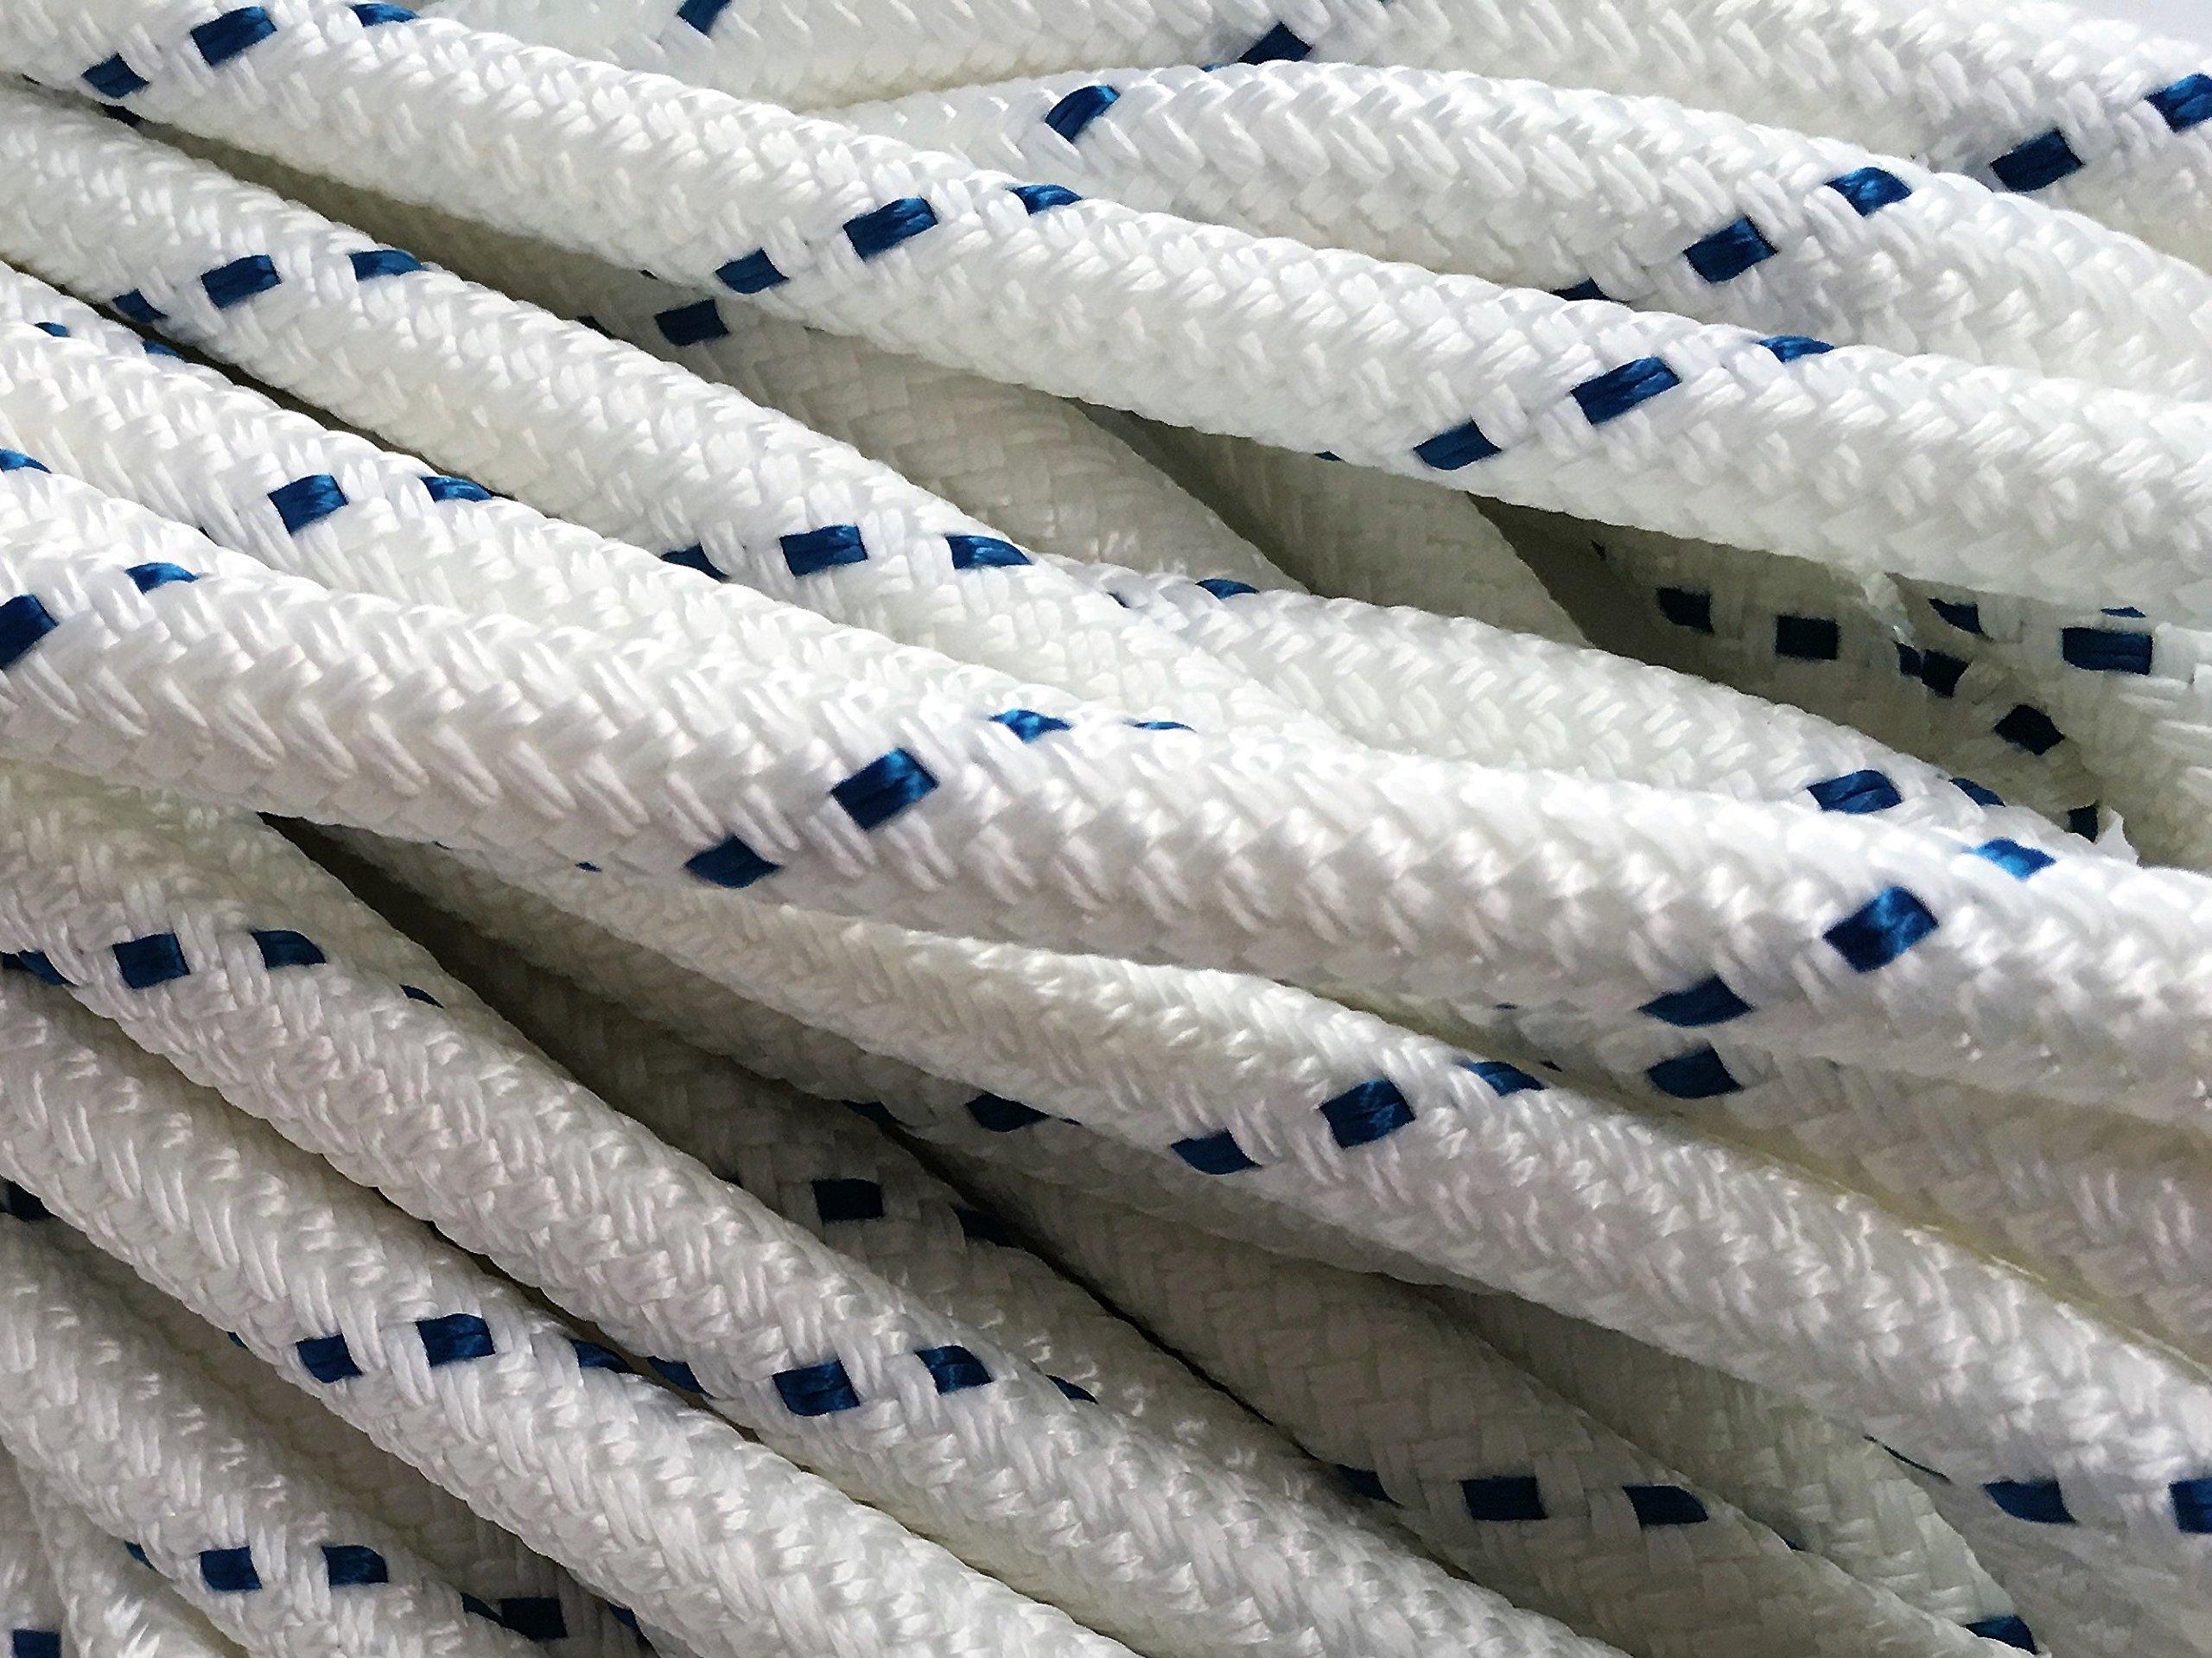 1/2'' X 300' Double Braid/Yacht Braid Premium Polyester Halyard Rigging Line, White/Blue